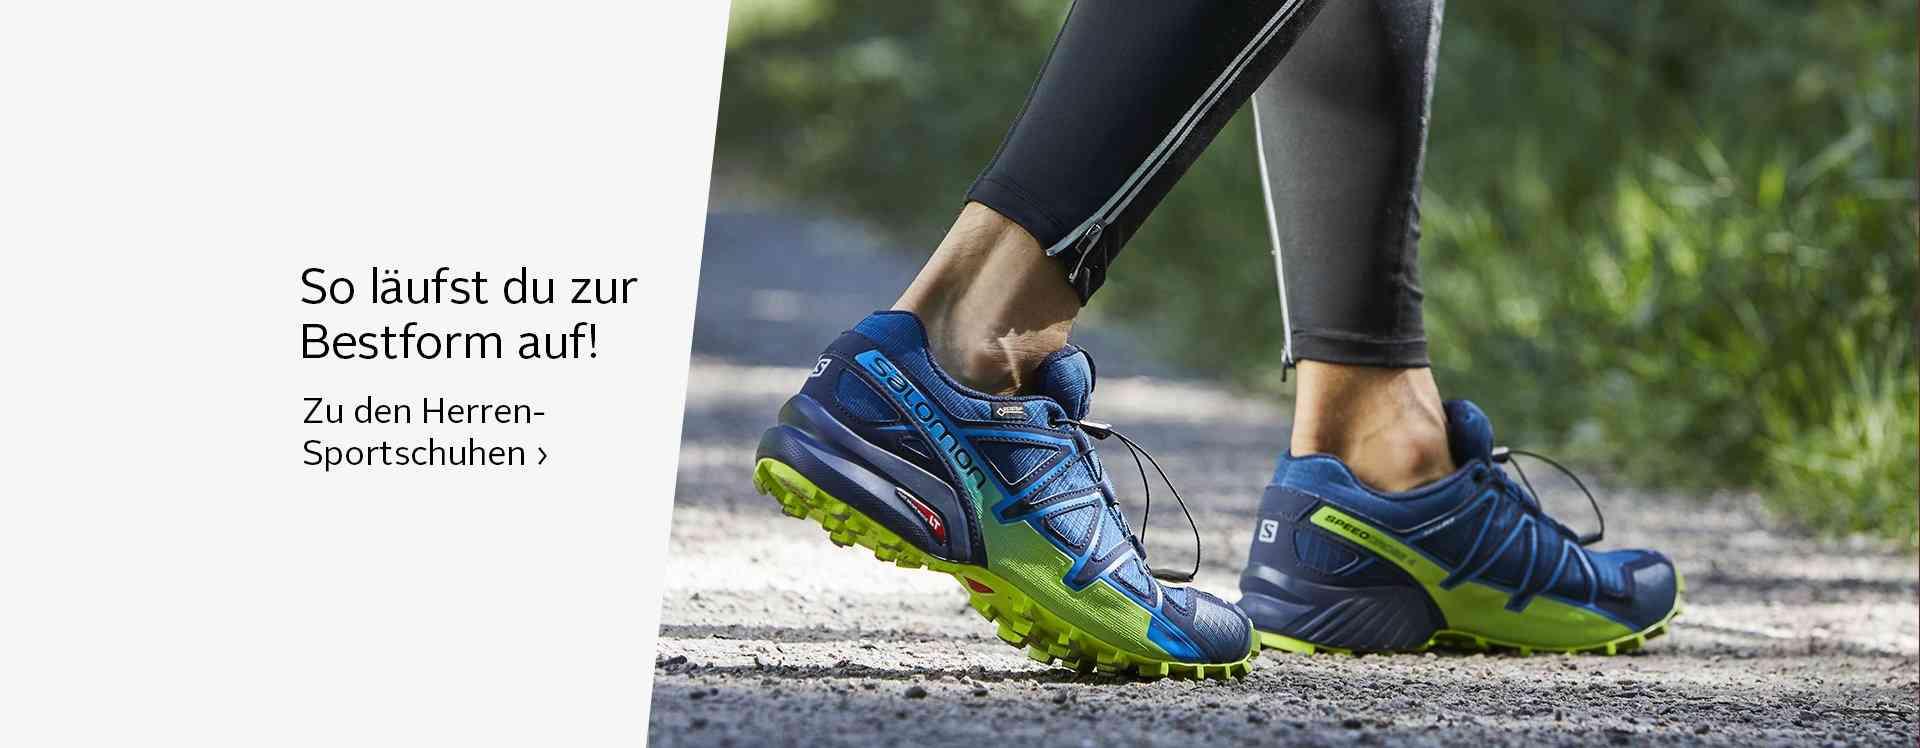 Sportschuhe: gesundes und sicheres Laufen in Trainingsschuhen от  attraktiven Sportmarken.